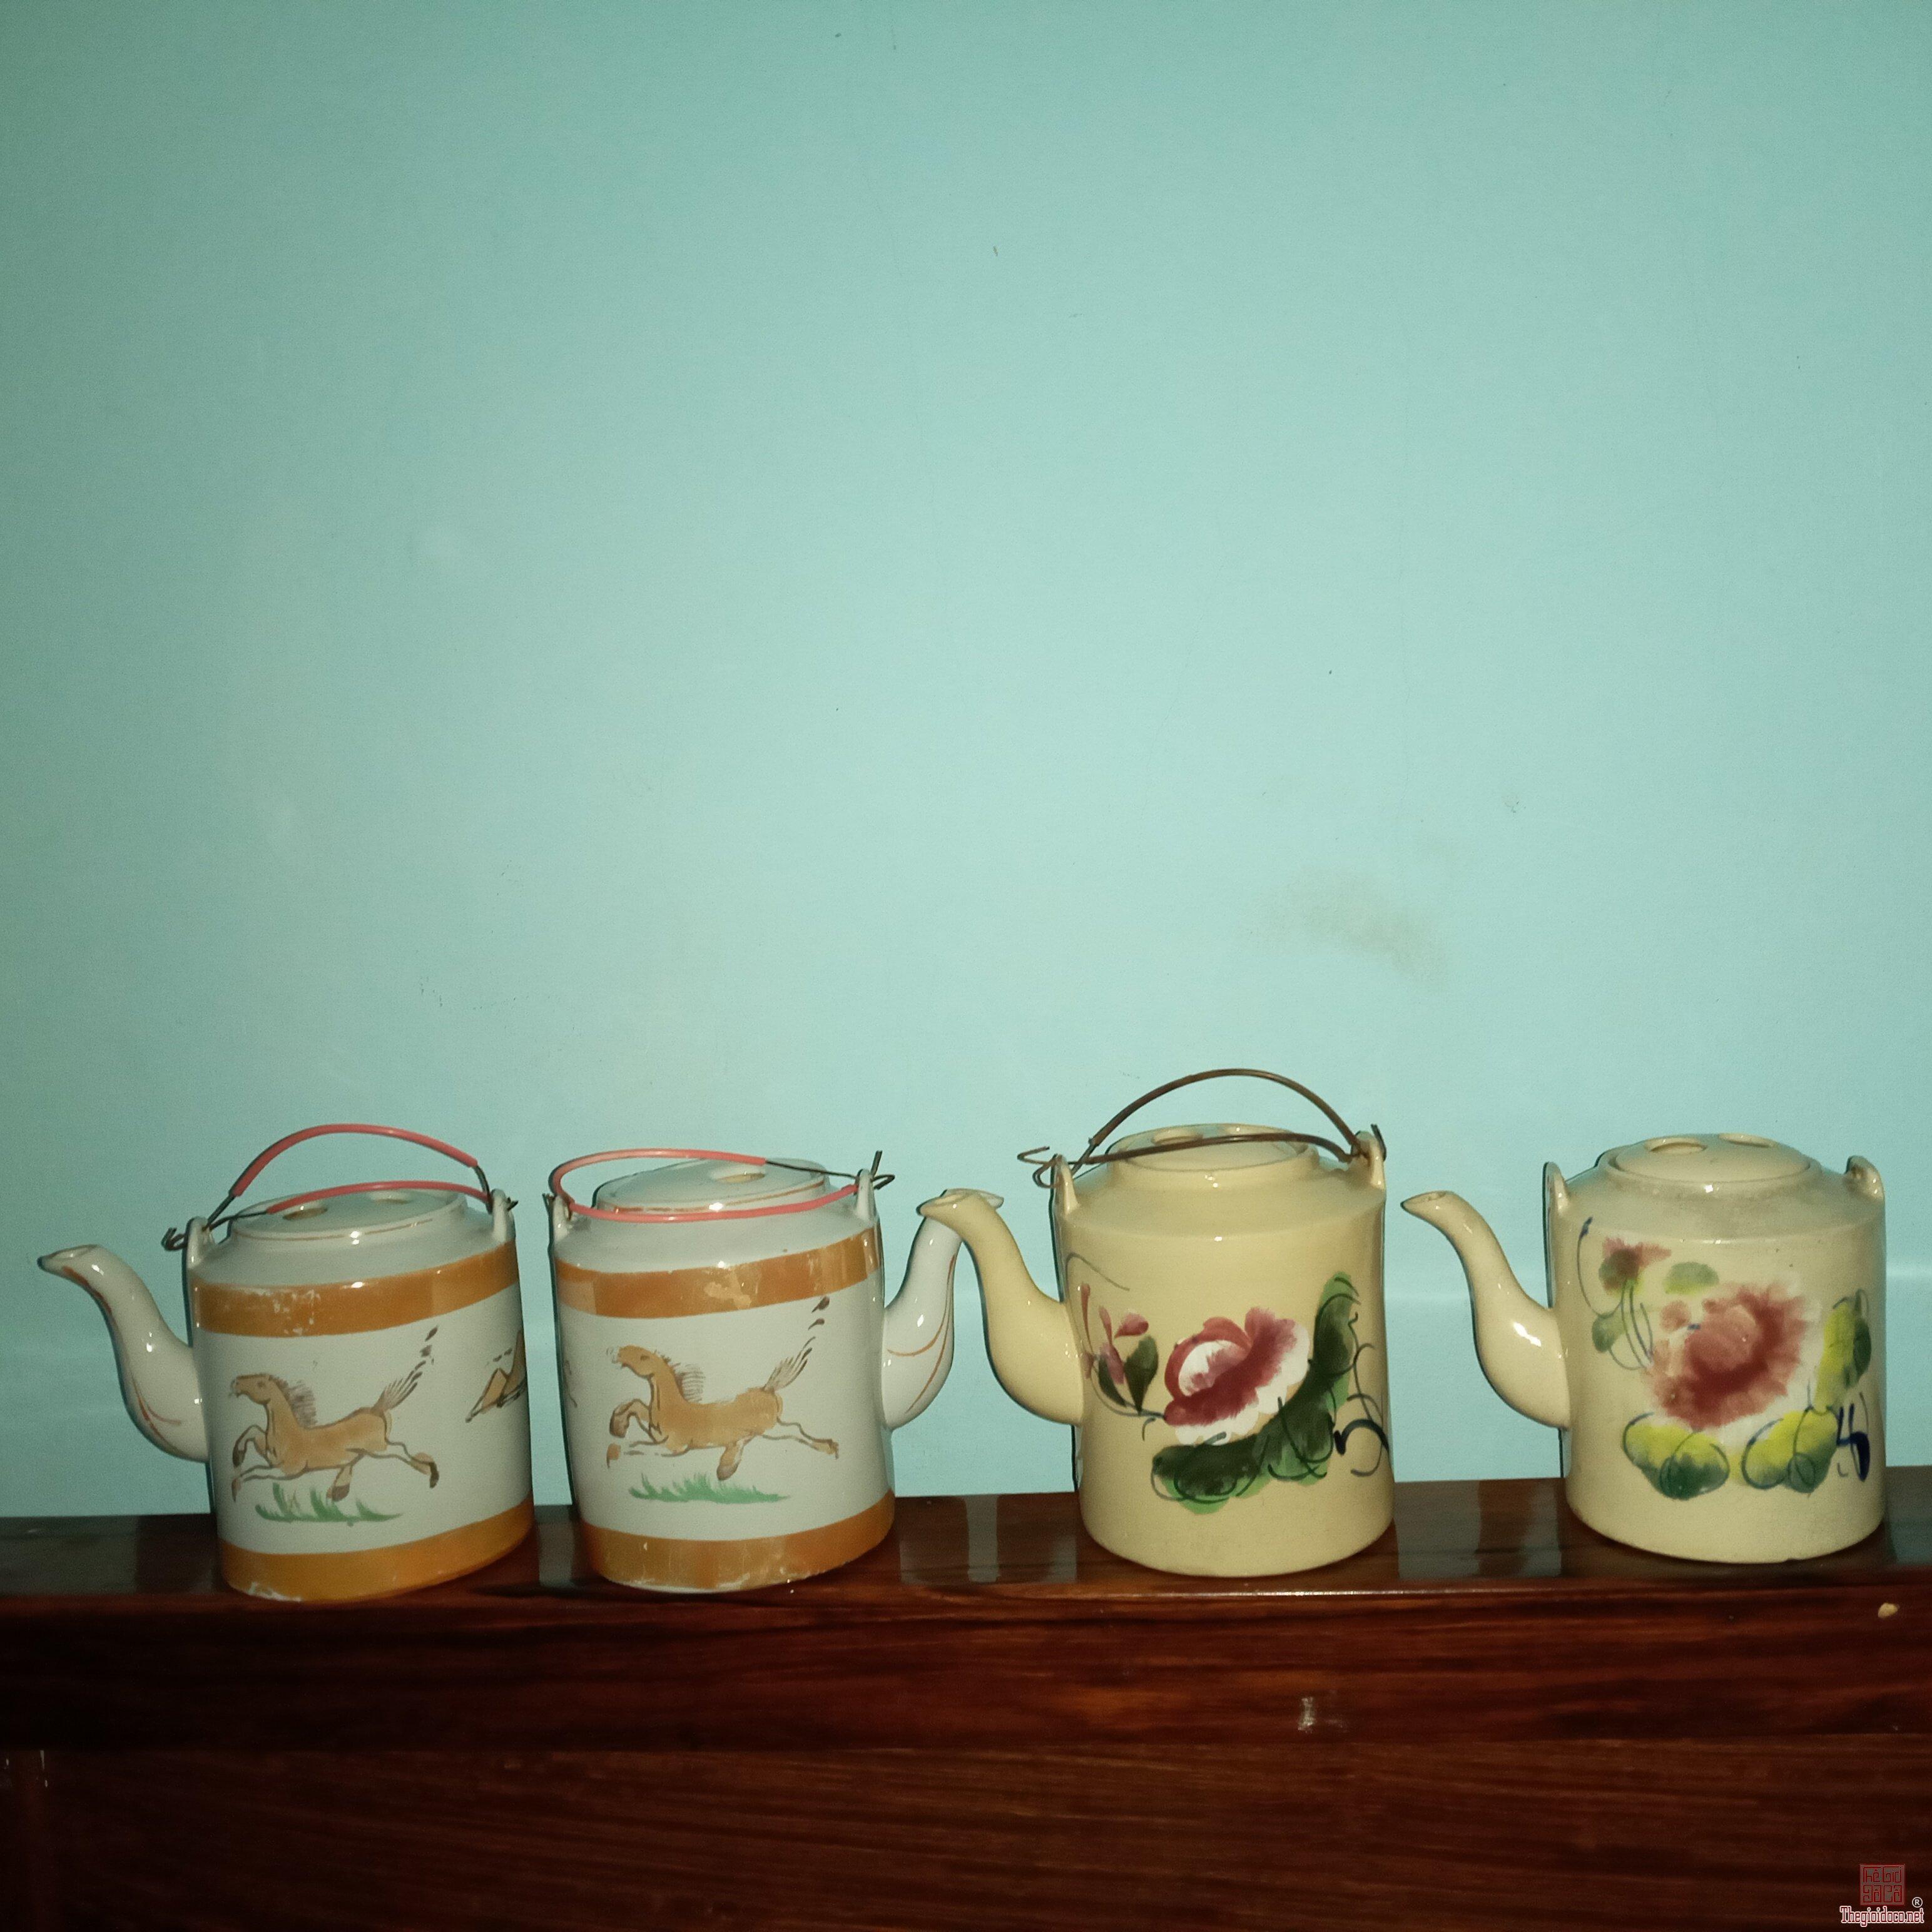 Giao lưu:4 Bình trà xưa.3 cái lành tít.1 cái còn lại bị lỗi xíu rất nhỏ.